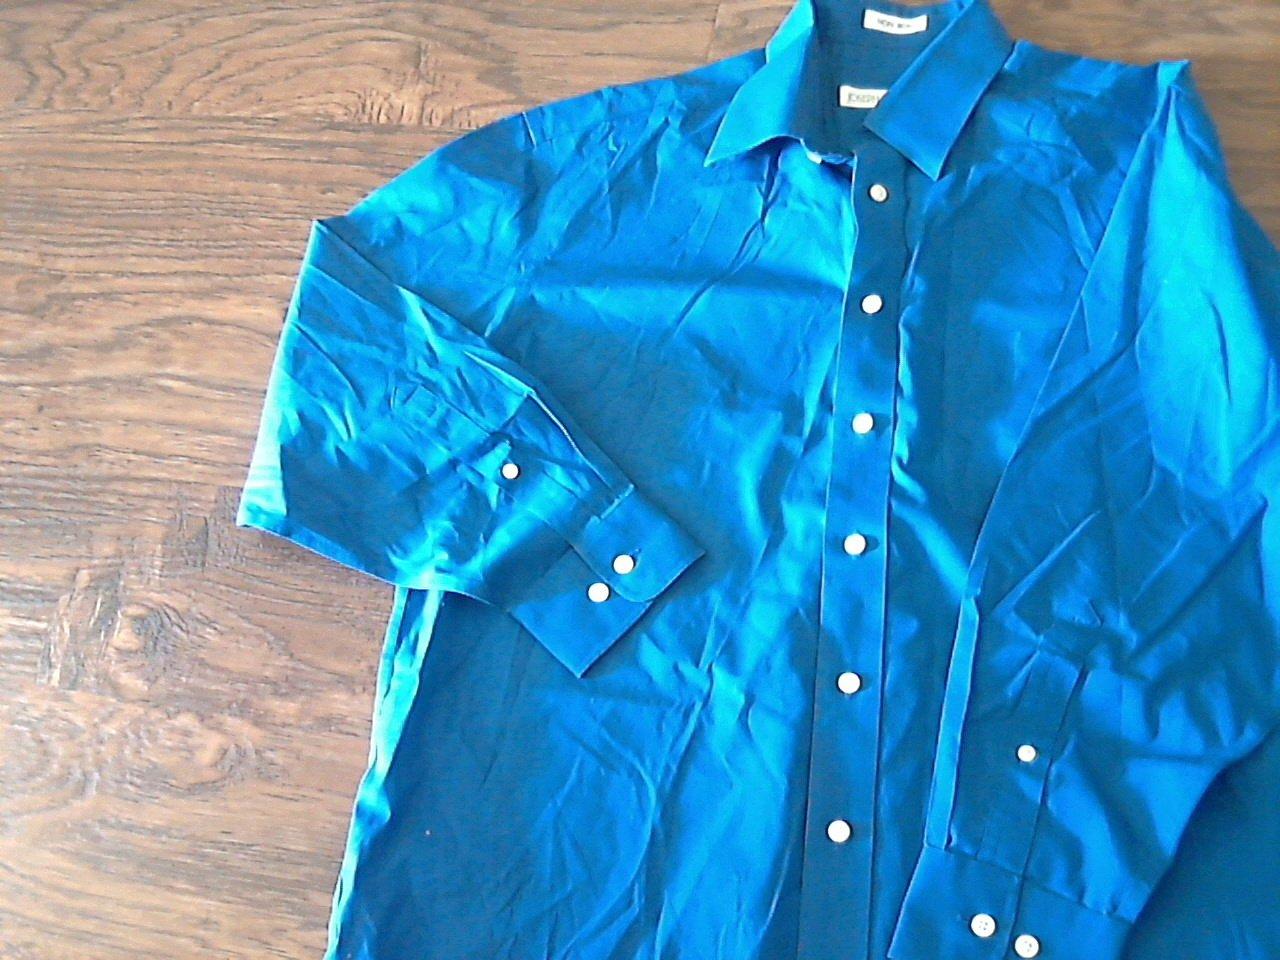 Joseph feiss man 39 s blue long sleeve causal shirt size 32 33 for Joseph feiss non iron dress shirt